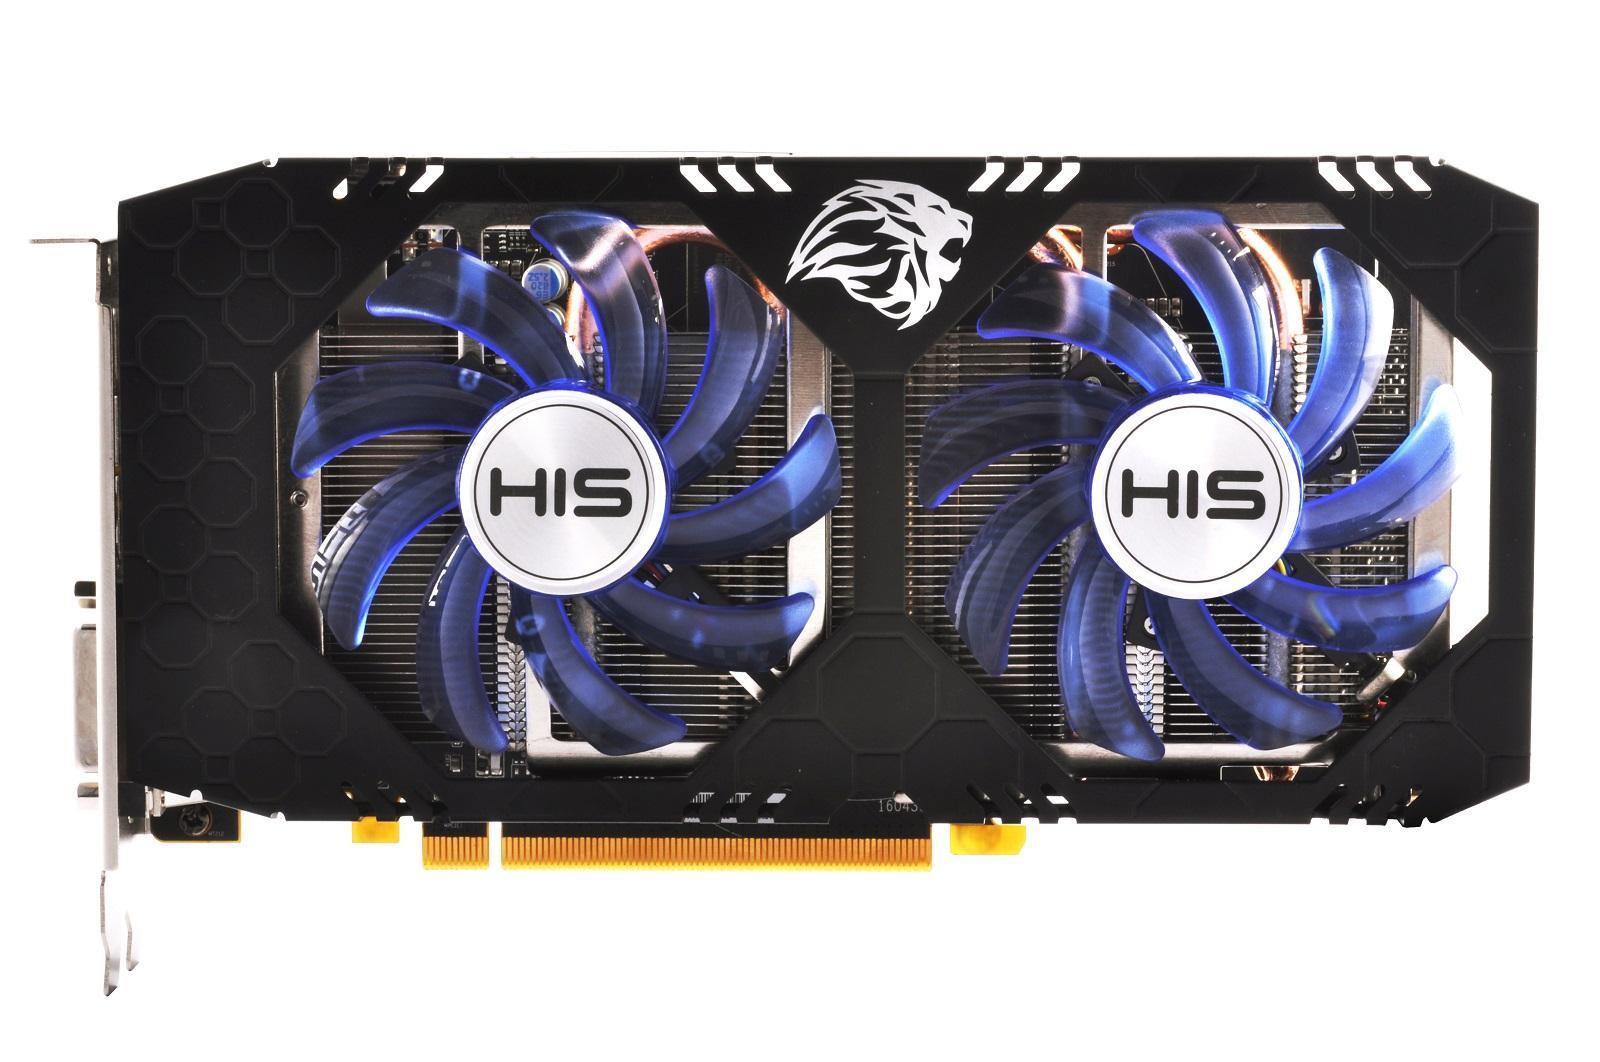 Card VGA RX 480 8G DDR5 HIS 2 Fan